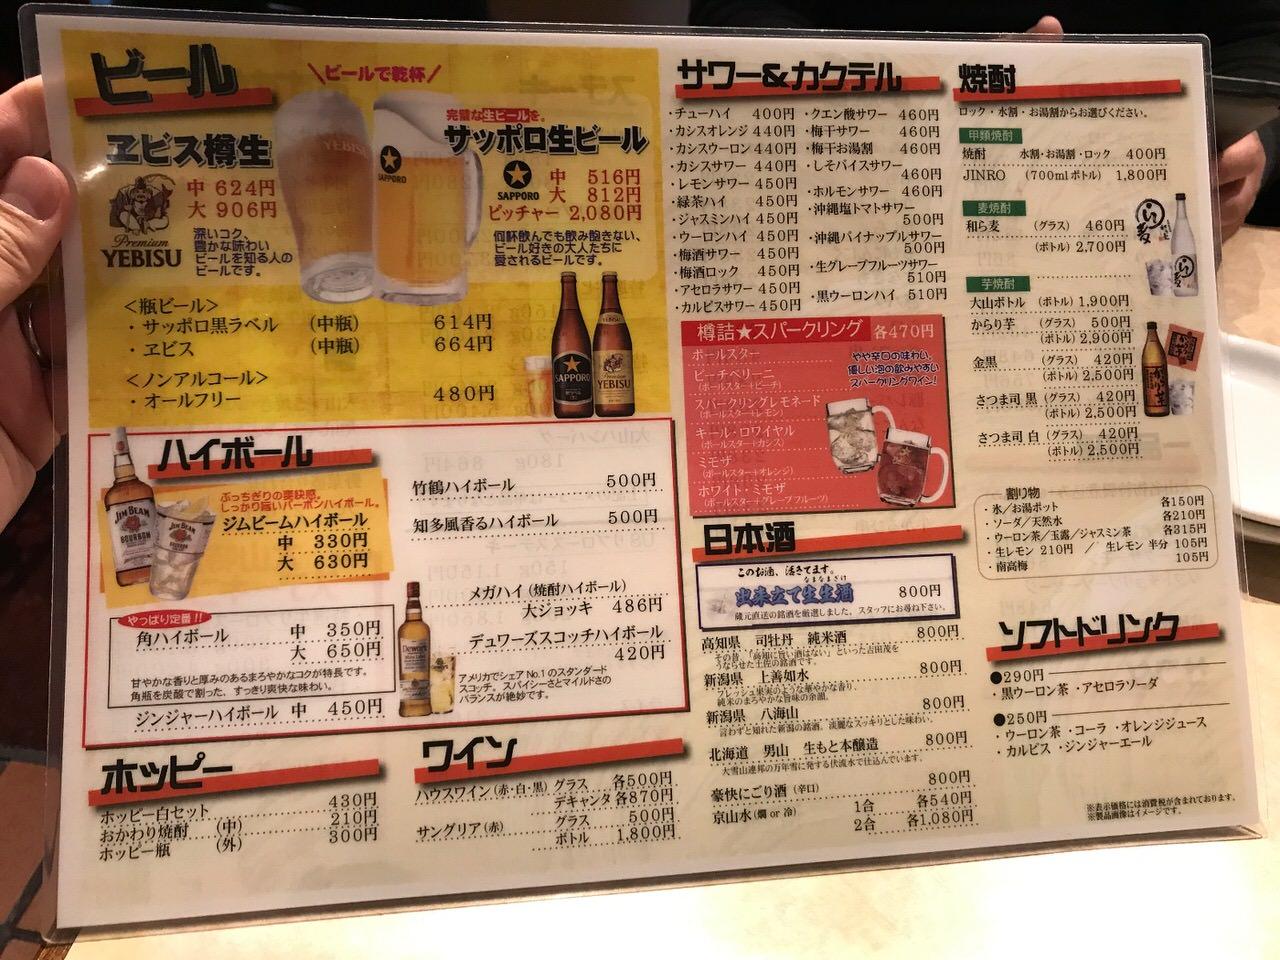 Ooyama 0109170437